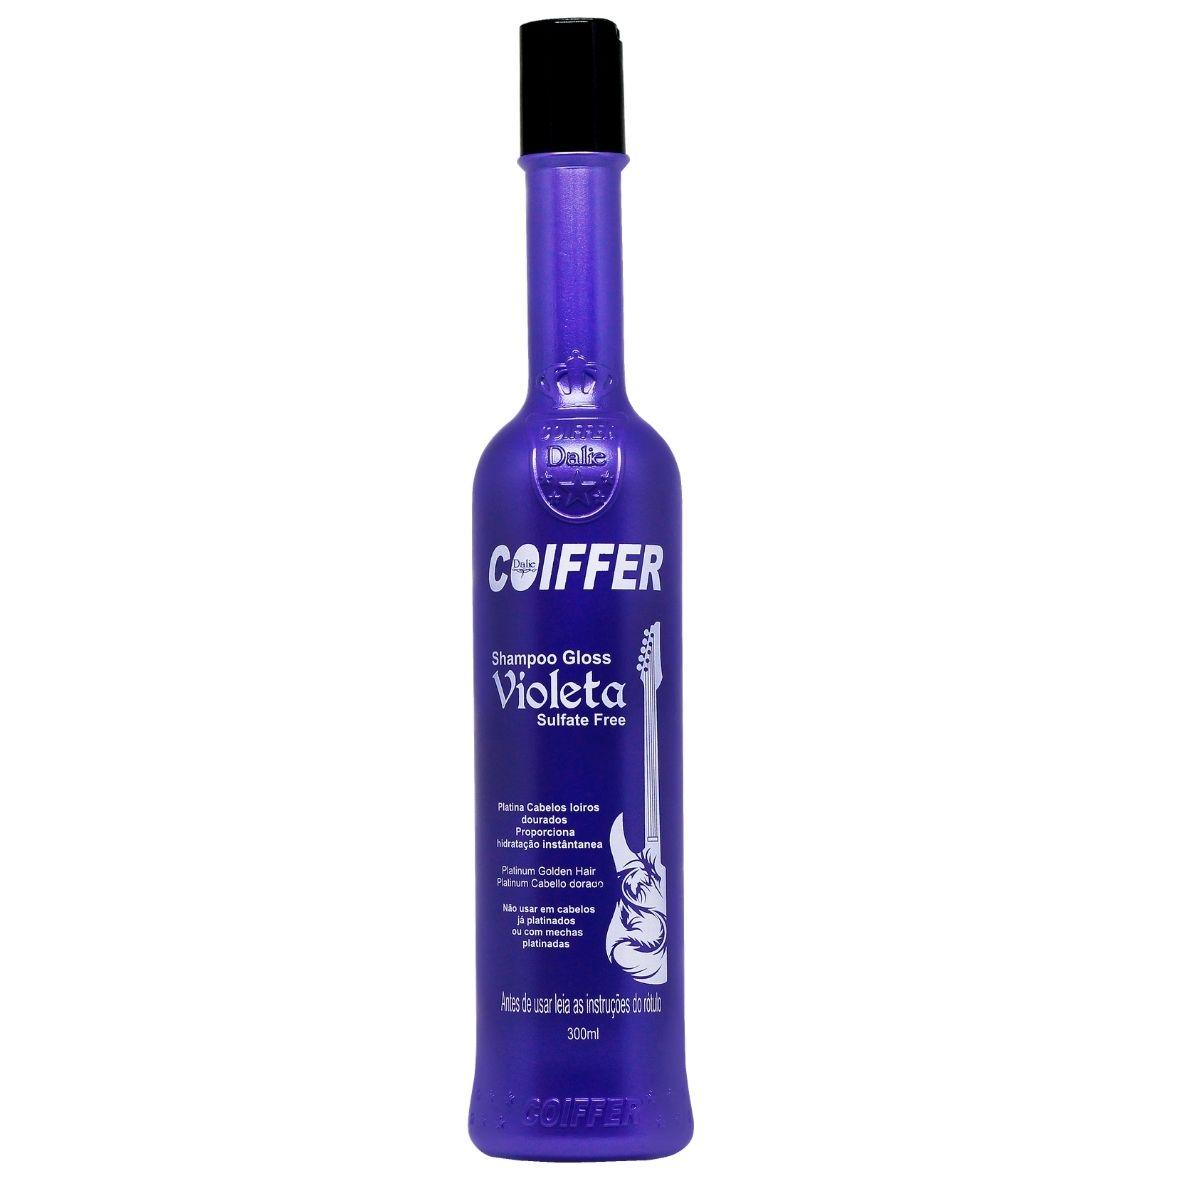 Shampoo para Cabelos  Gloss Violeta Coiffer 300ml